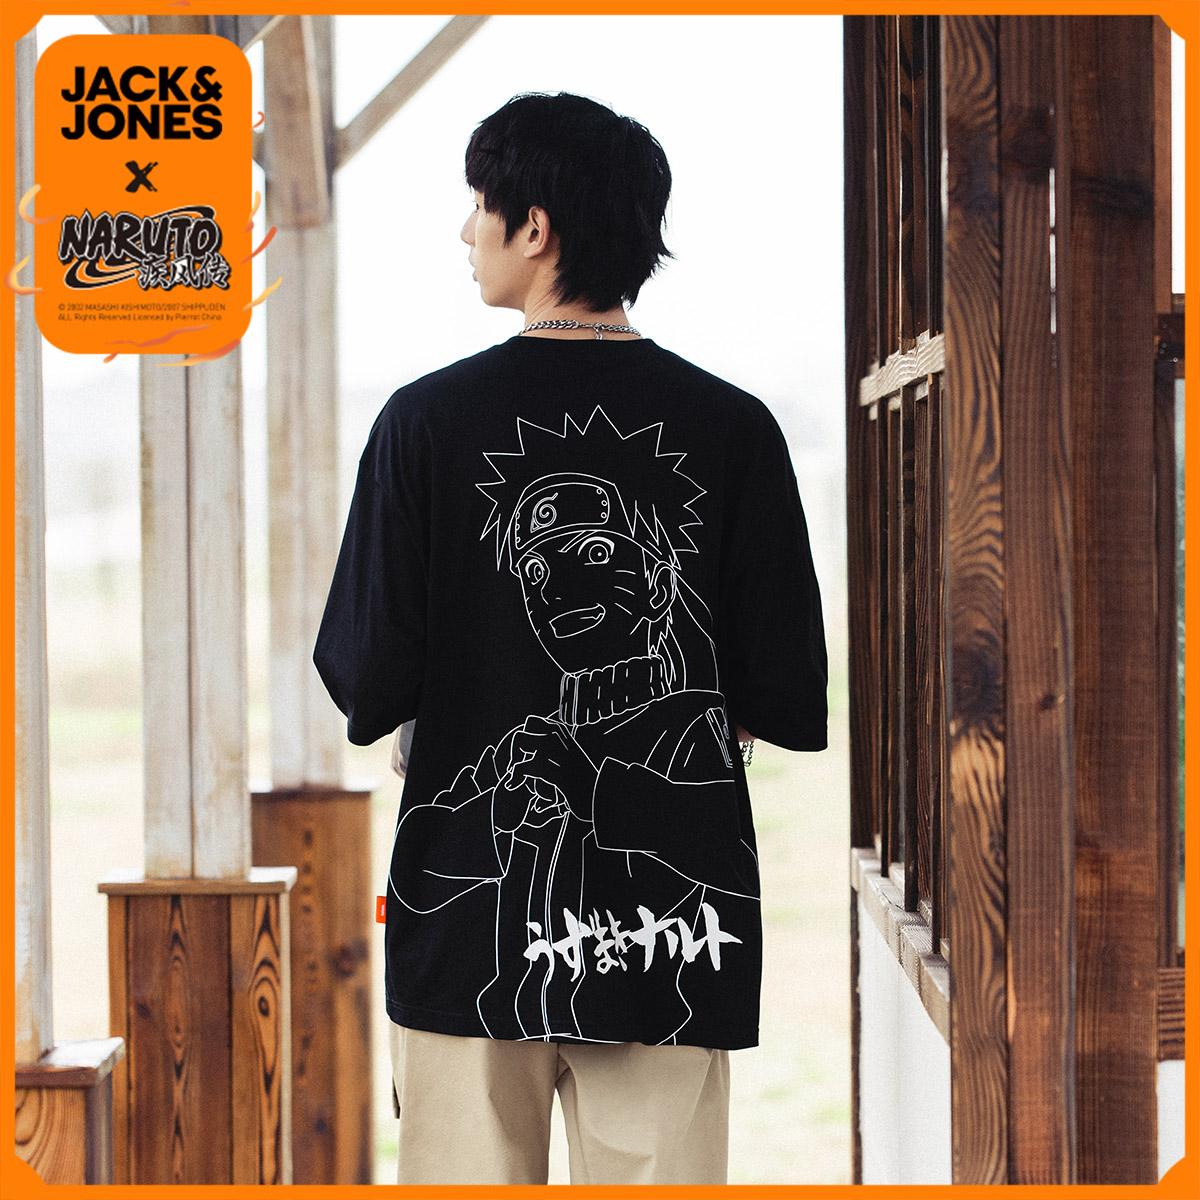 商场同款,火影忍者 鸣人联名款:杰克琼斯 男士 纯棉宽松短袖T恤